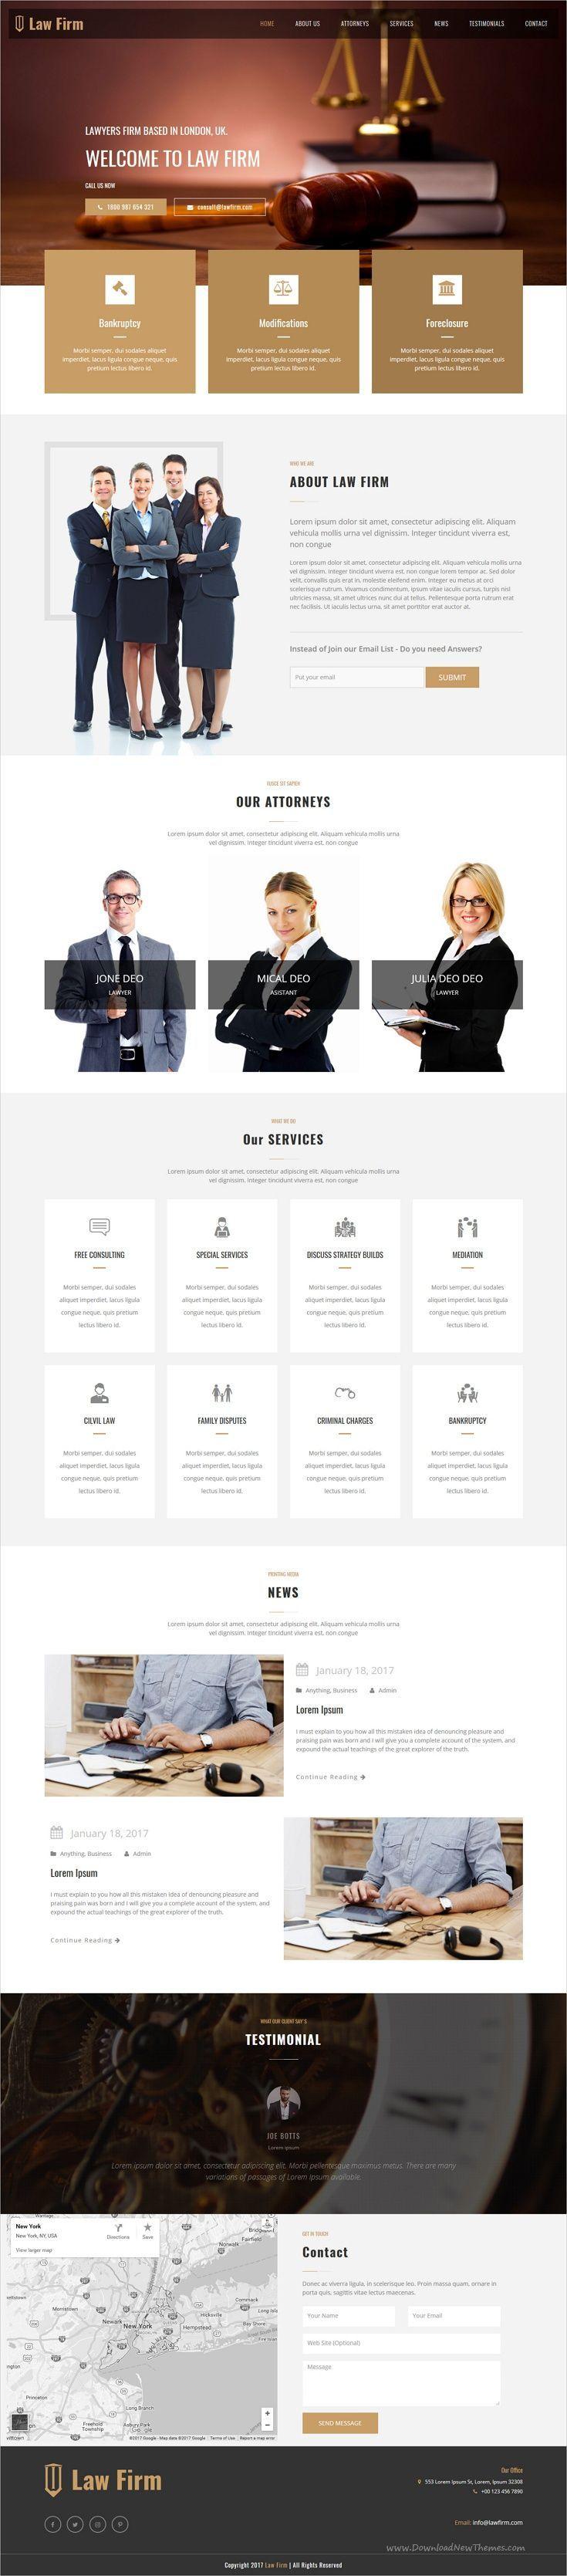 Law firm is a perfect responsive #HTML #bootstrap template for #lawyer, attorney or law firm websites download now➩  https://themeforest.net/item/monster-creative-html-template/19253075?ref=Datasata Está farto de procurar por templates WordPress? Fizemos um E-Book GRATUITO com OS 150 MELHORES TEMPLATES WORDPRESS. Clique aqui http://www.estrategiadigital.pt/150-melhores-templates-wordpress/ para fazer download imediato!